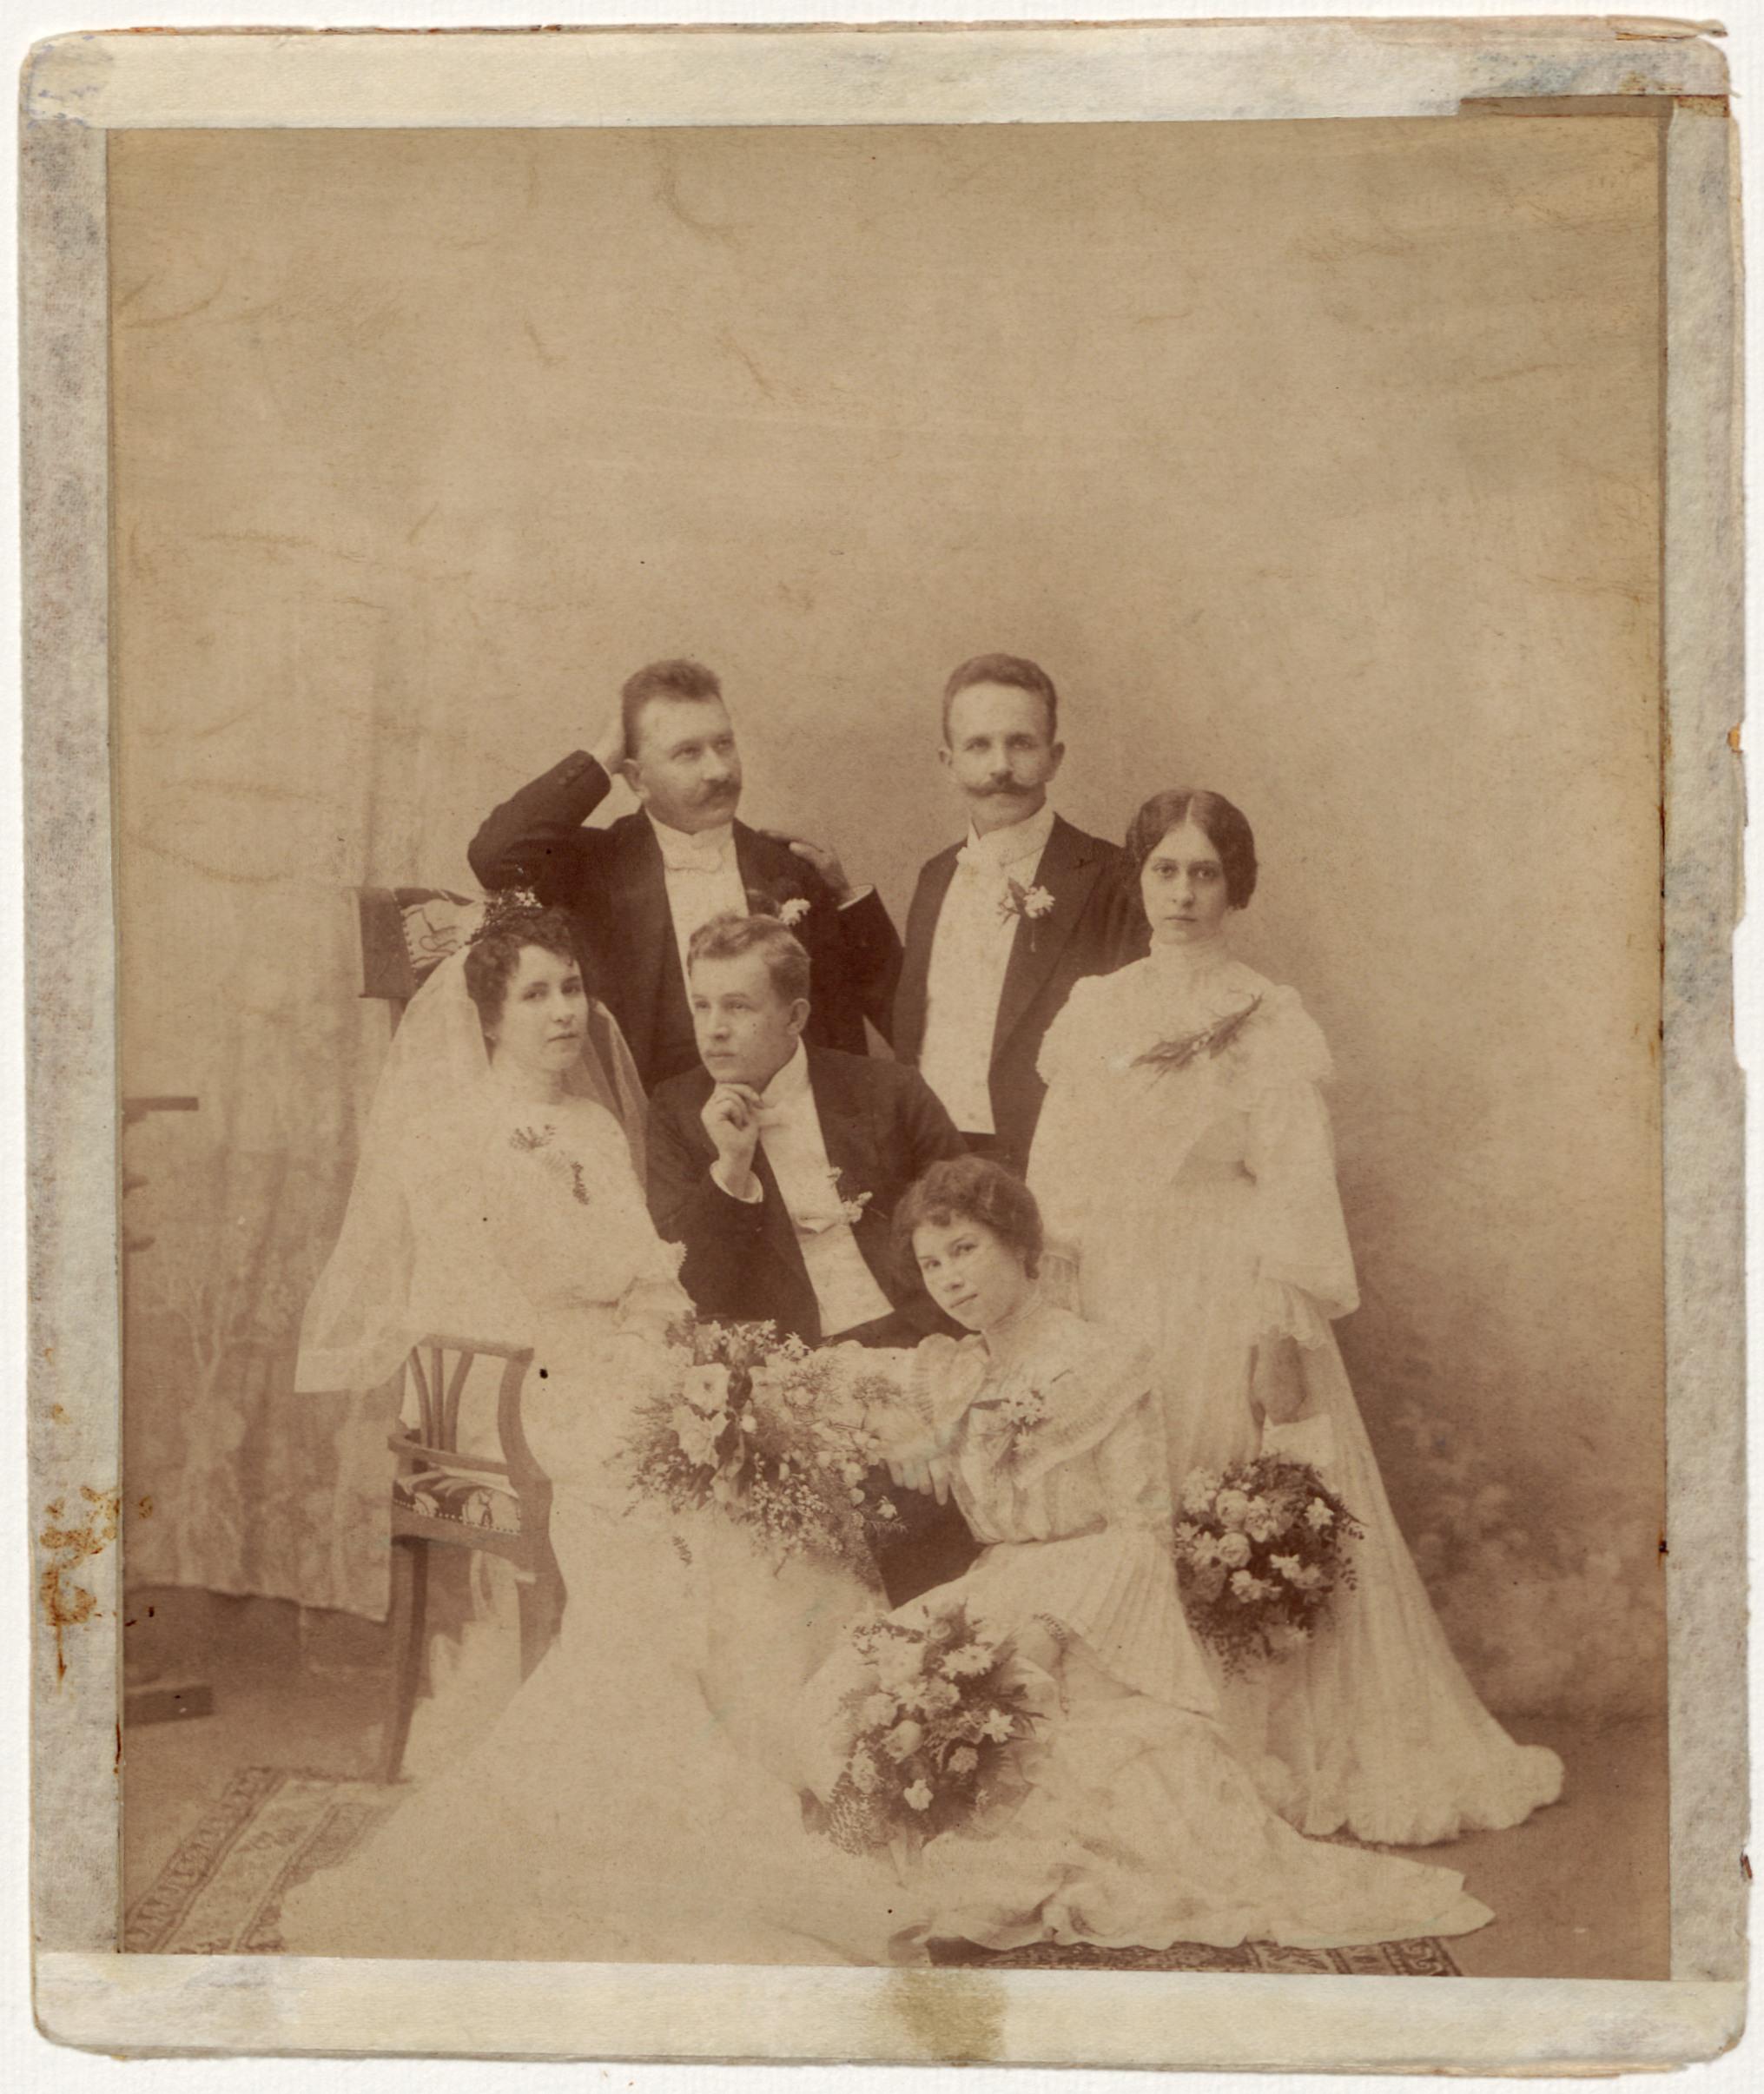 Ślub Wojciecha Korfantego i Elżbiety Szprot. 5 X 1903